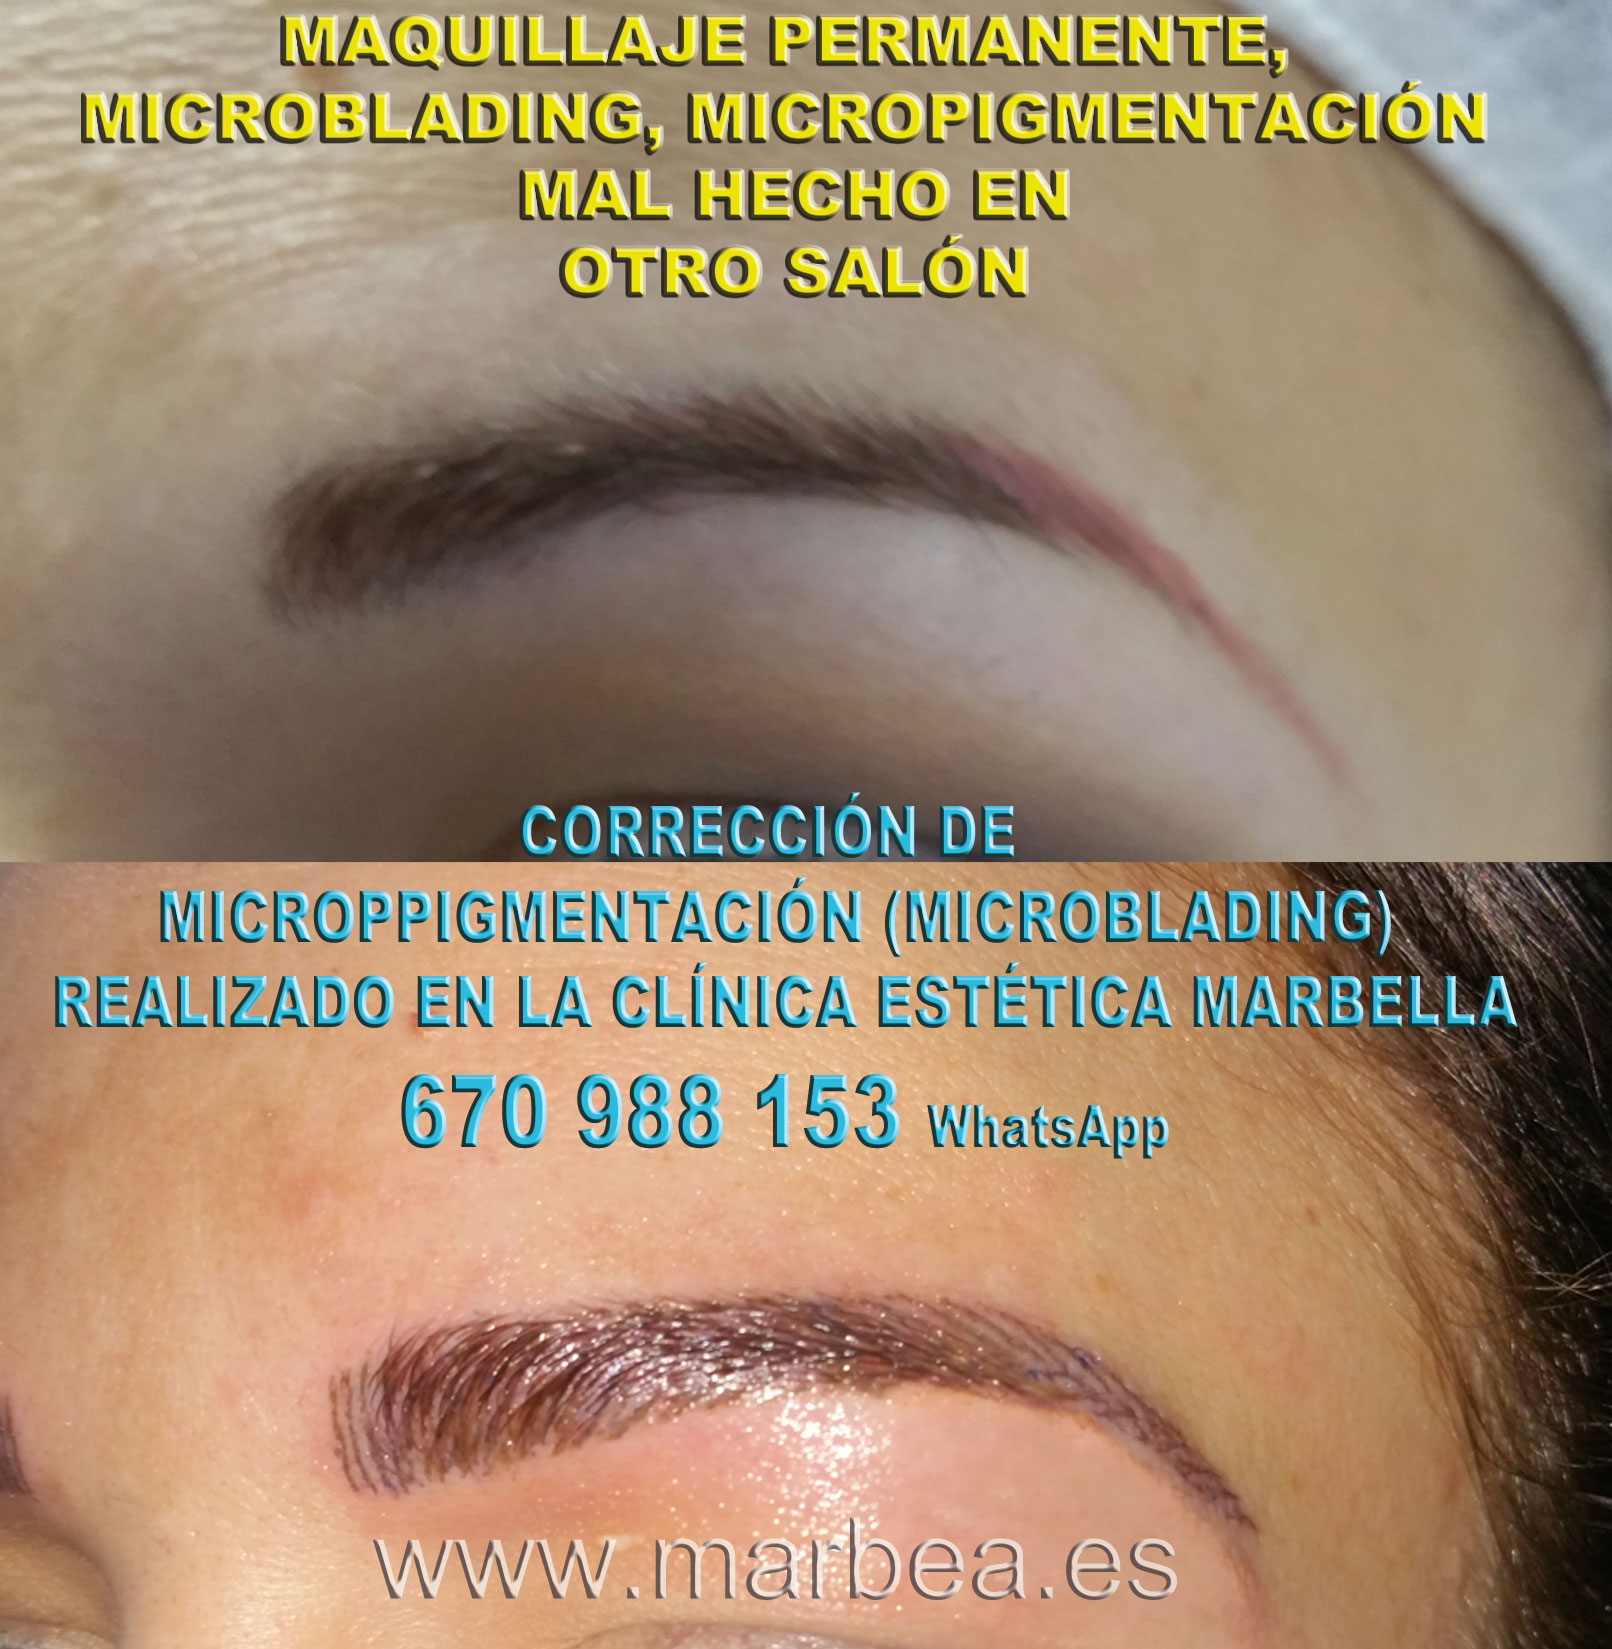 ELIMINAR TATUAJE CEJAS clínica estética tatuaje ofrenda eliminar la micropigmentación de cejas,corregir micropigmentación no deseada